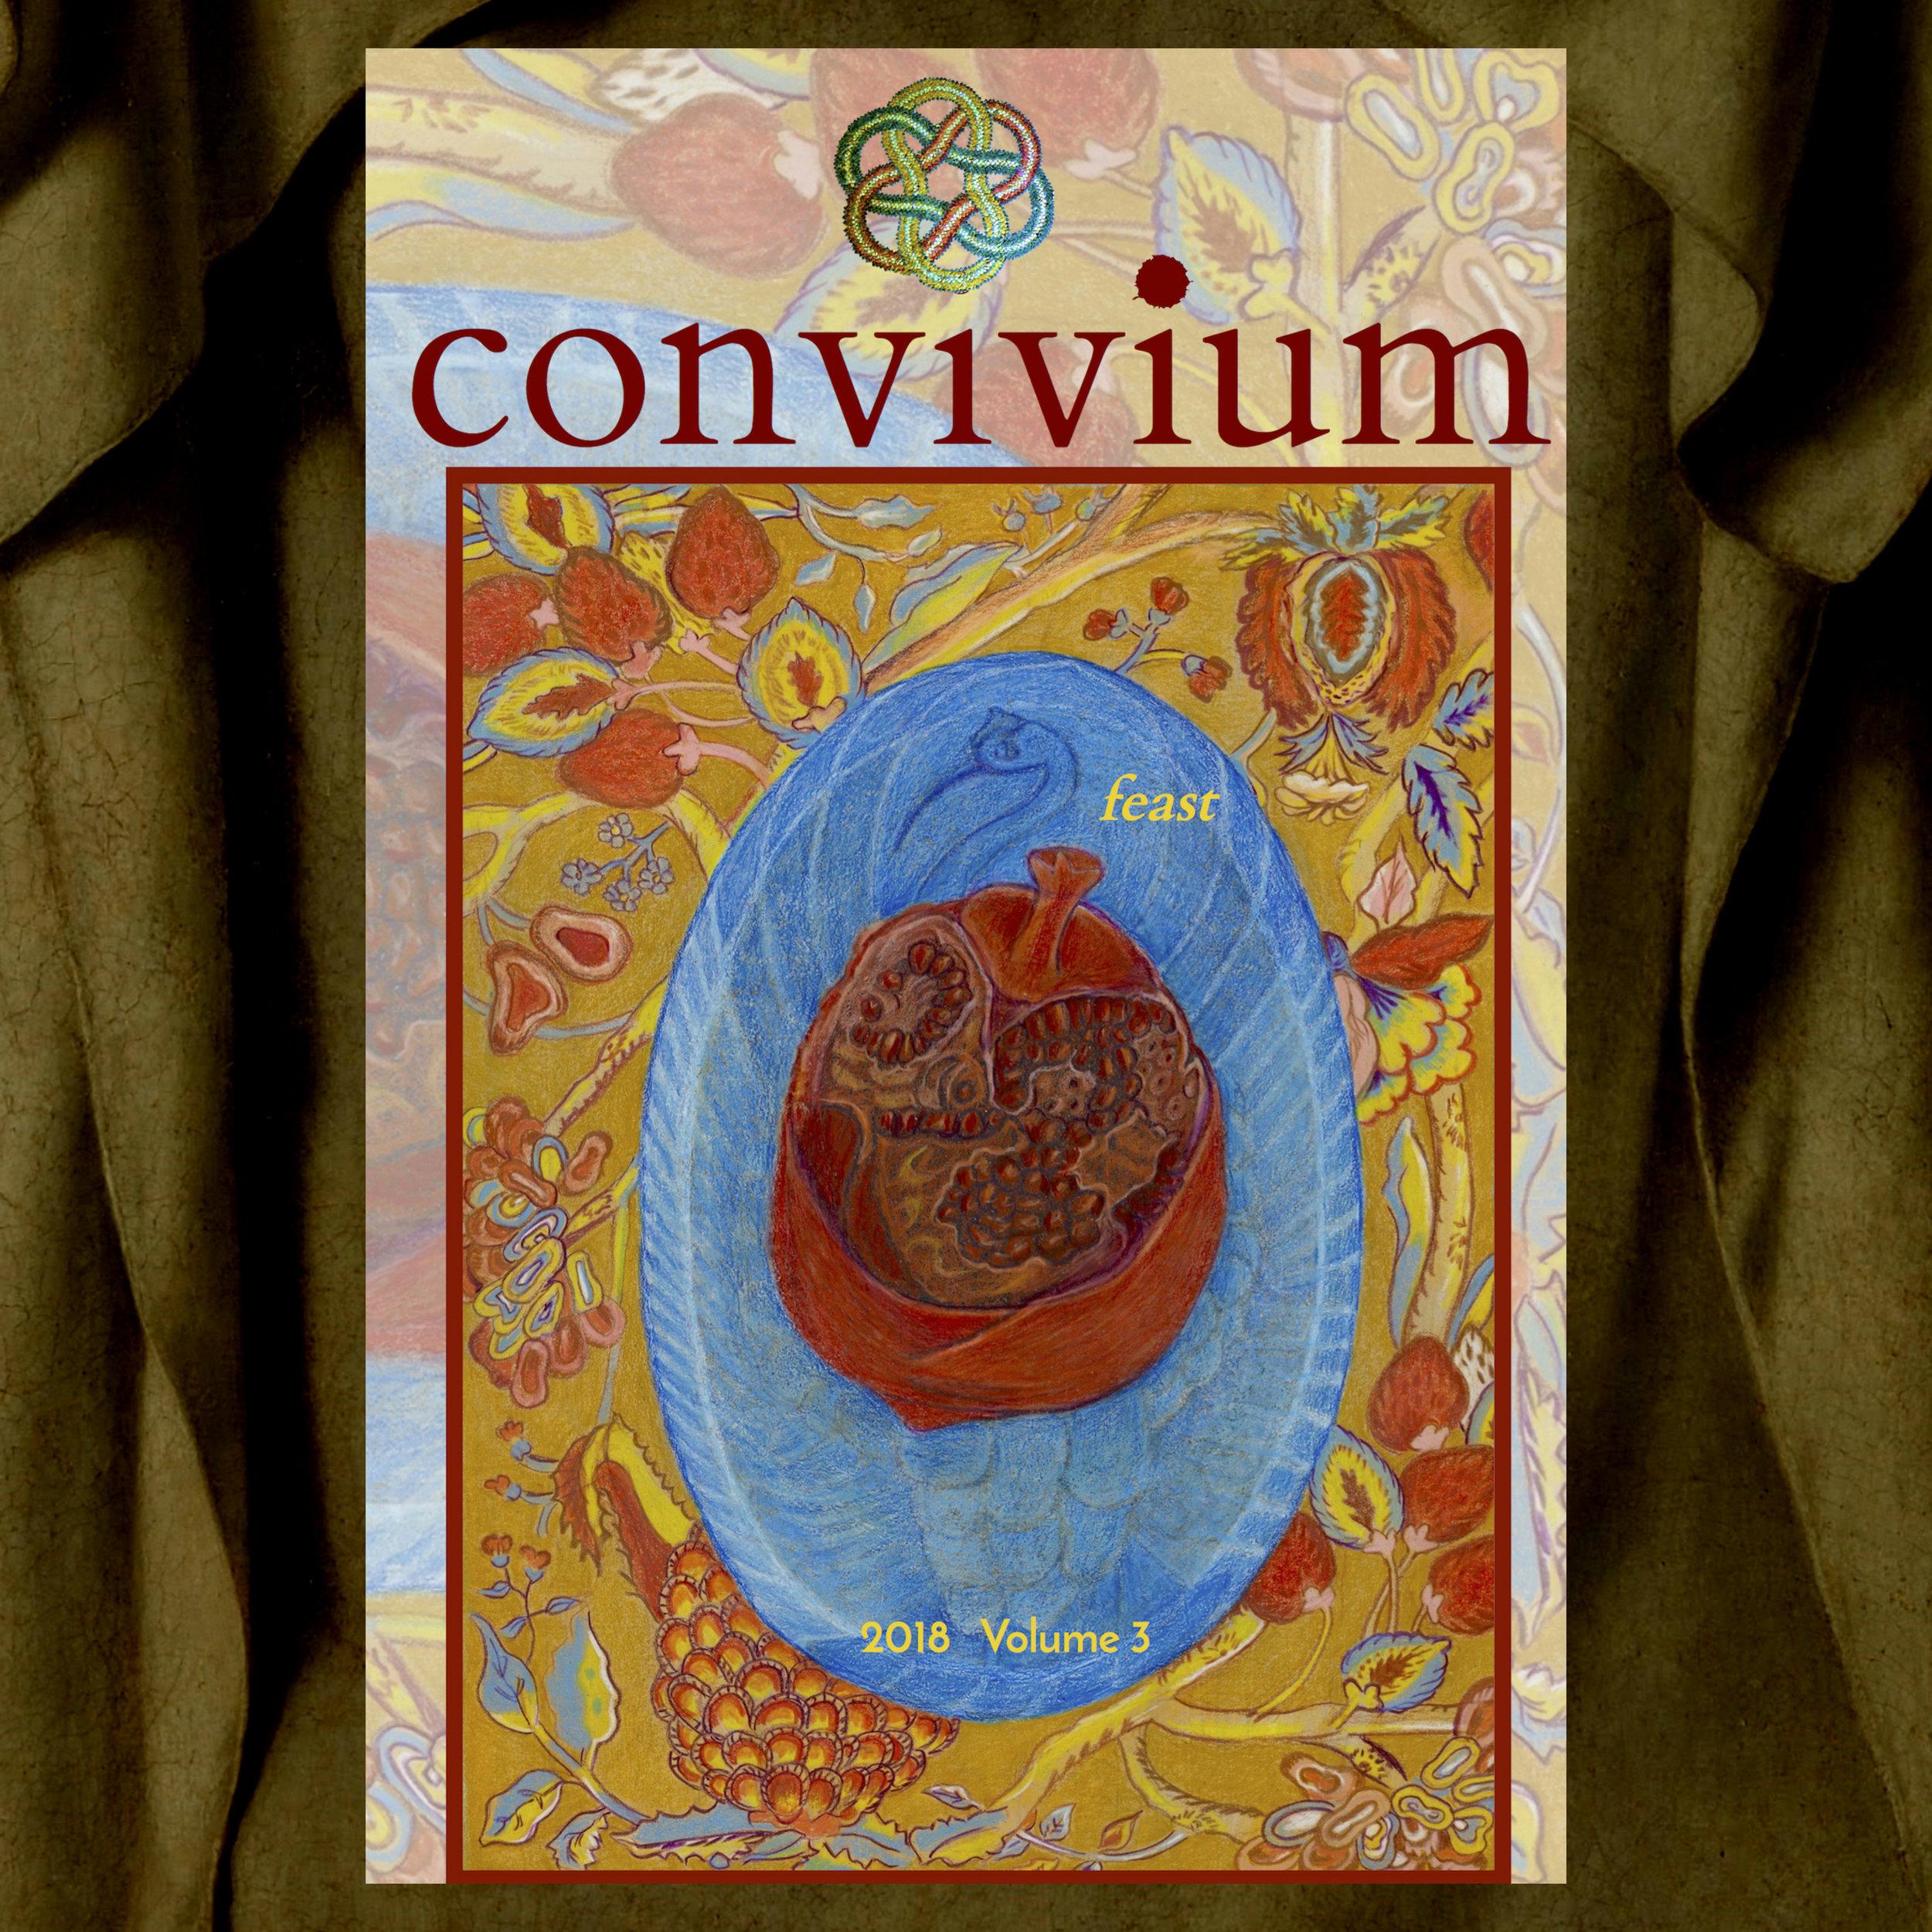 Mandylion_Books_convivium.jpg